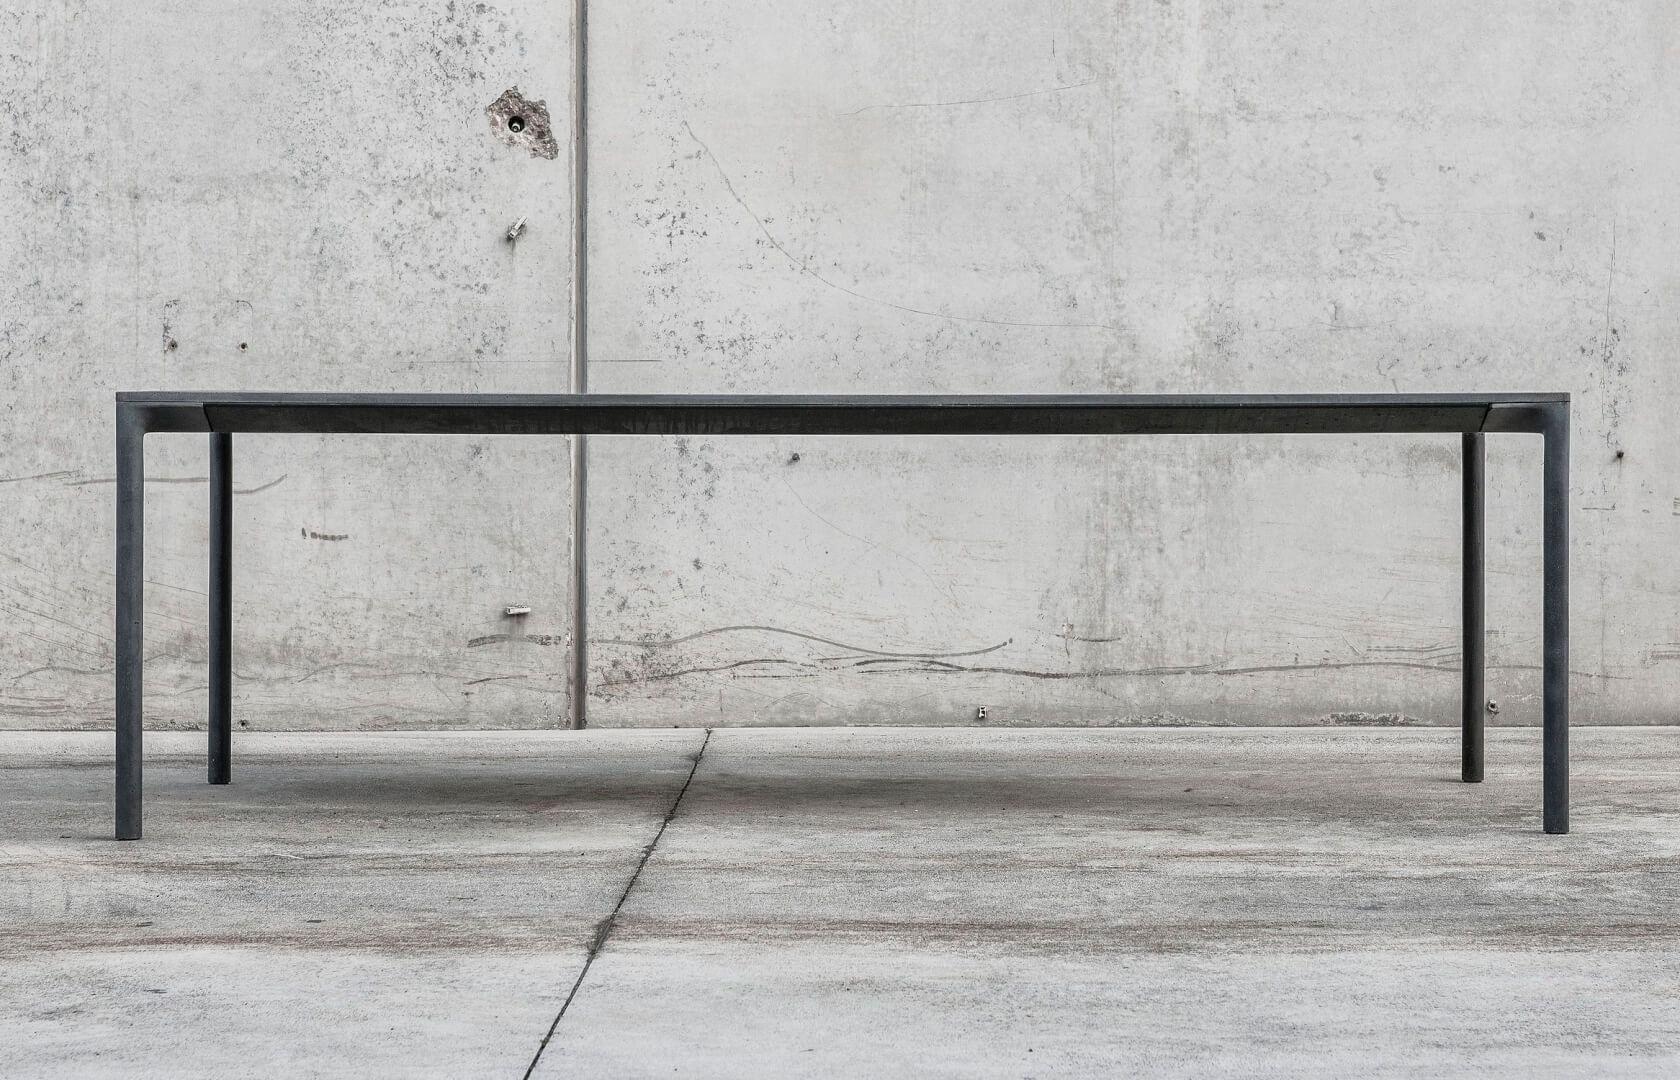 Tavolo Boiacca Kristalia - Devincenti negozio arredamento e design Verona